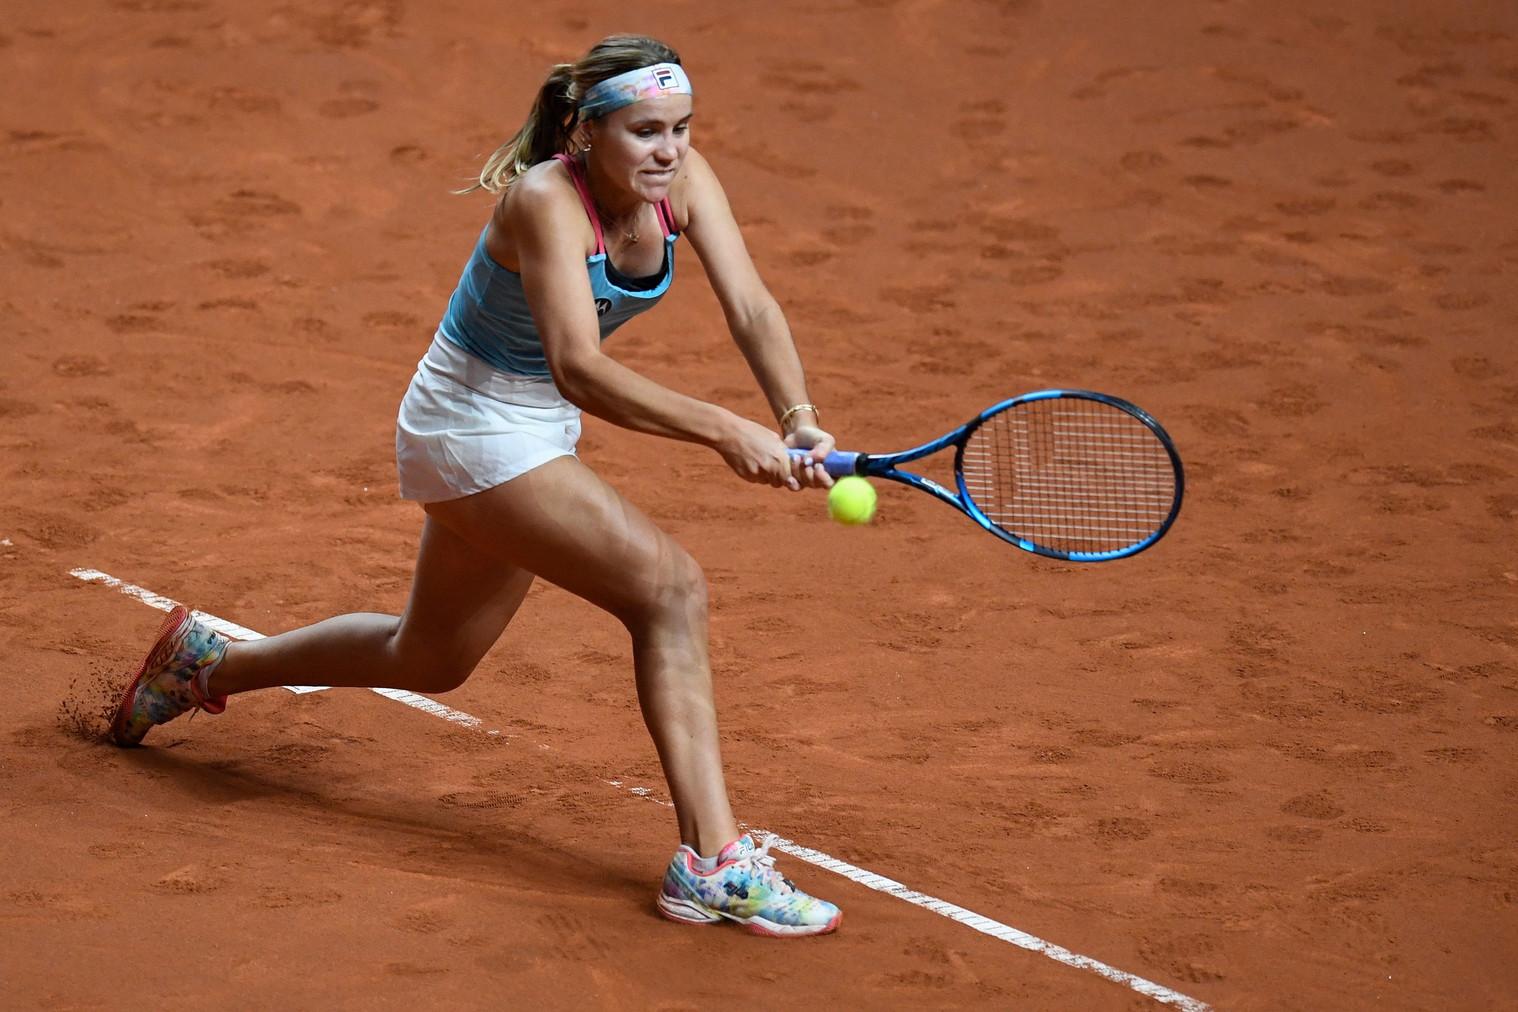 Le rivali non mancano di certo. A cominciare dalla statunitense Sofia Kenin, numero 4 WTA e campionessa degli Australian Open 2020.